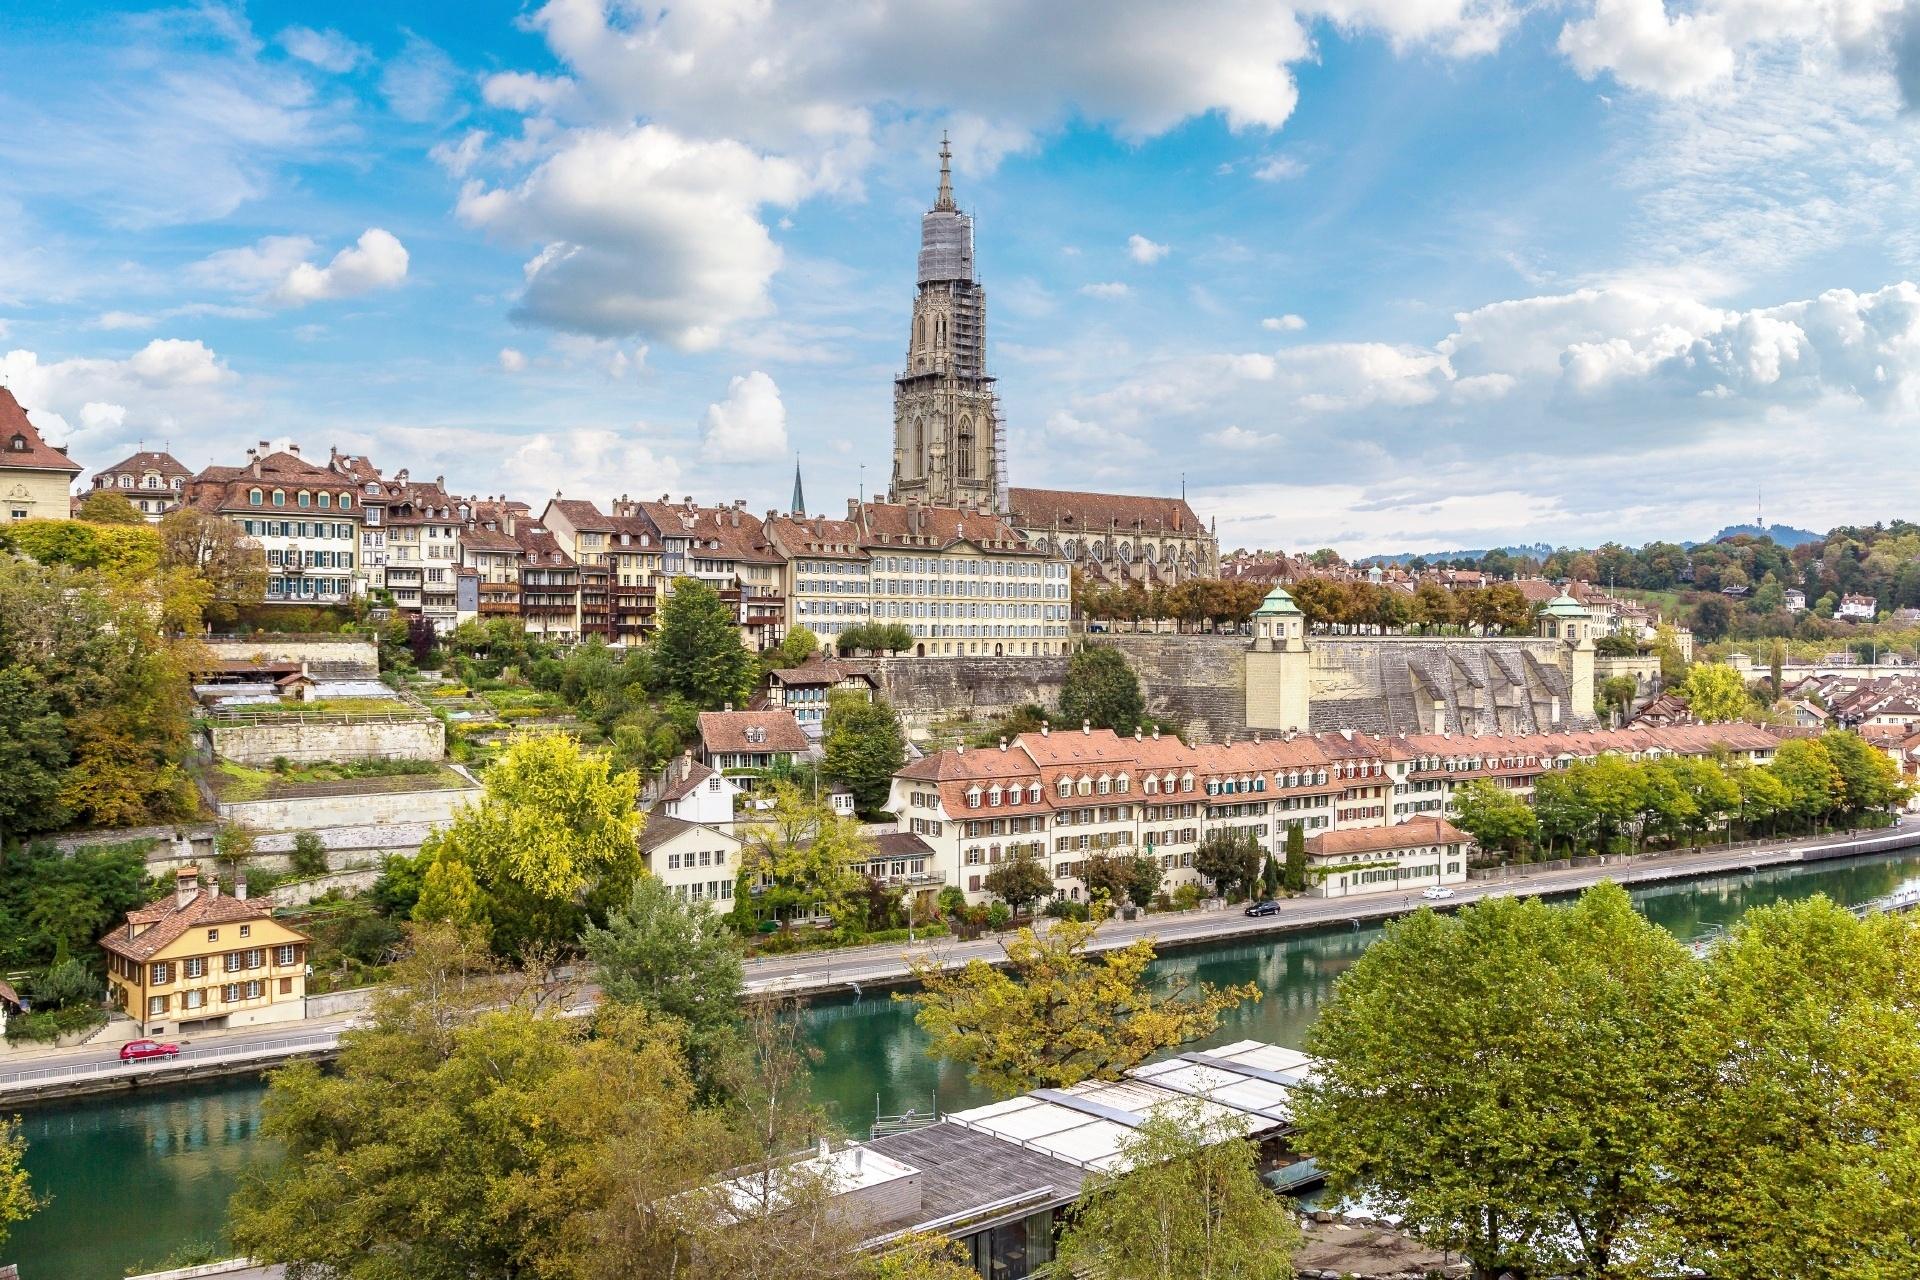 ベルン大聖堂とベルンの街並み スイスの風景